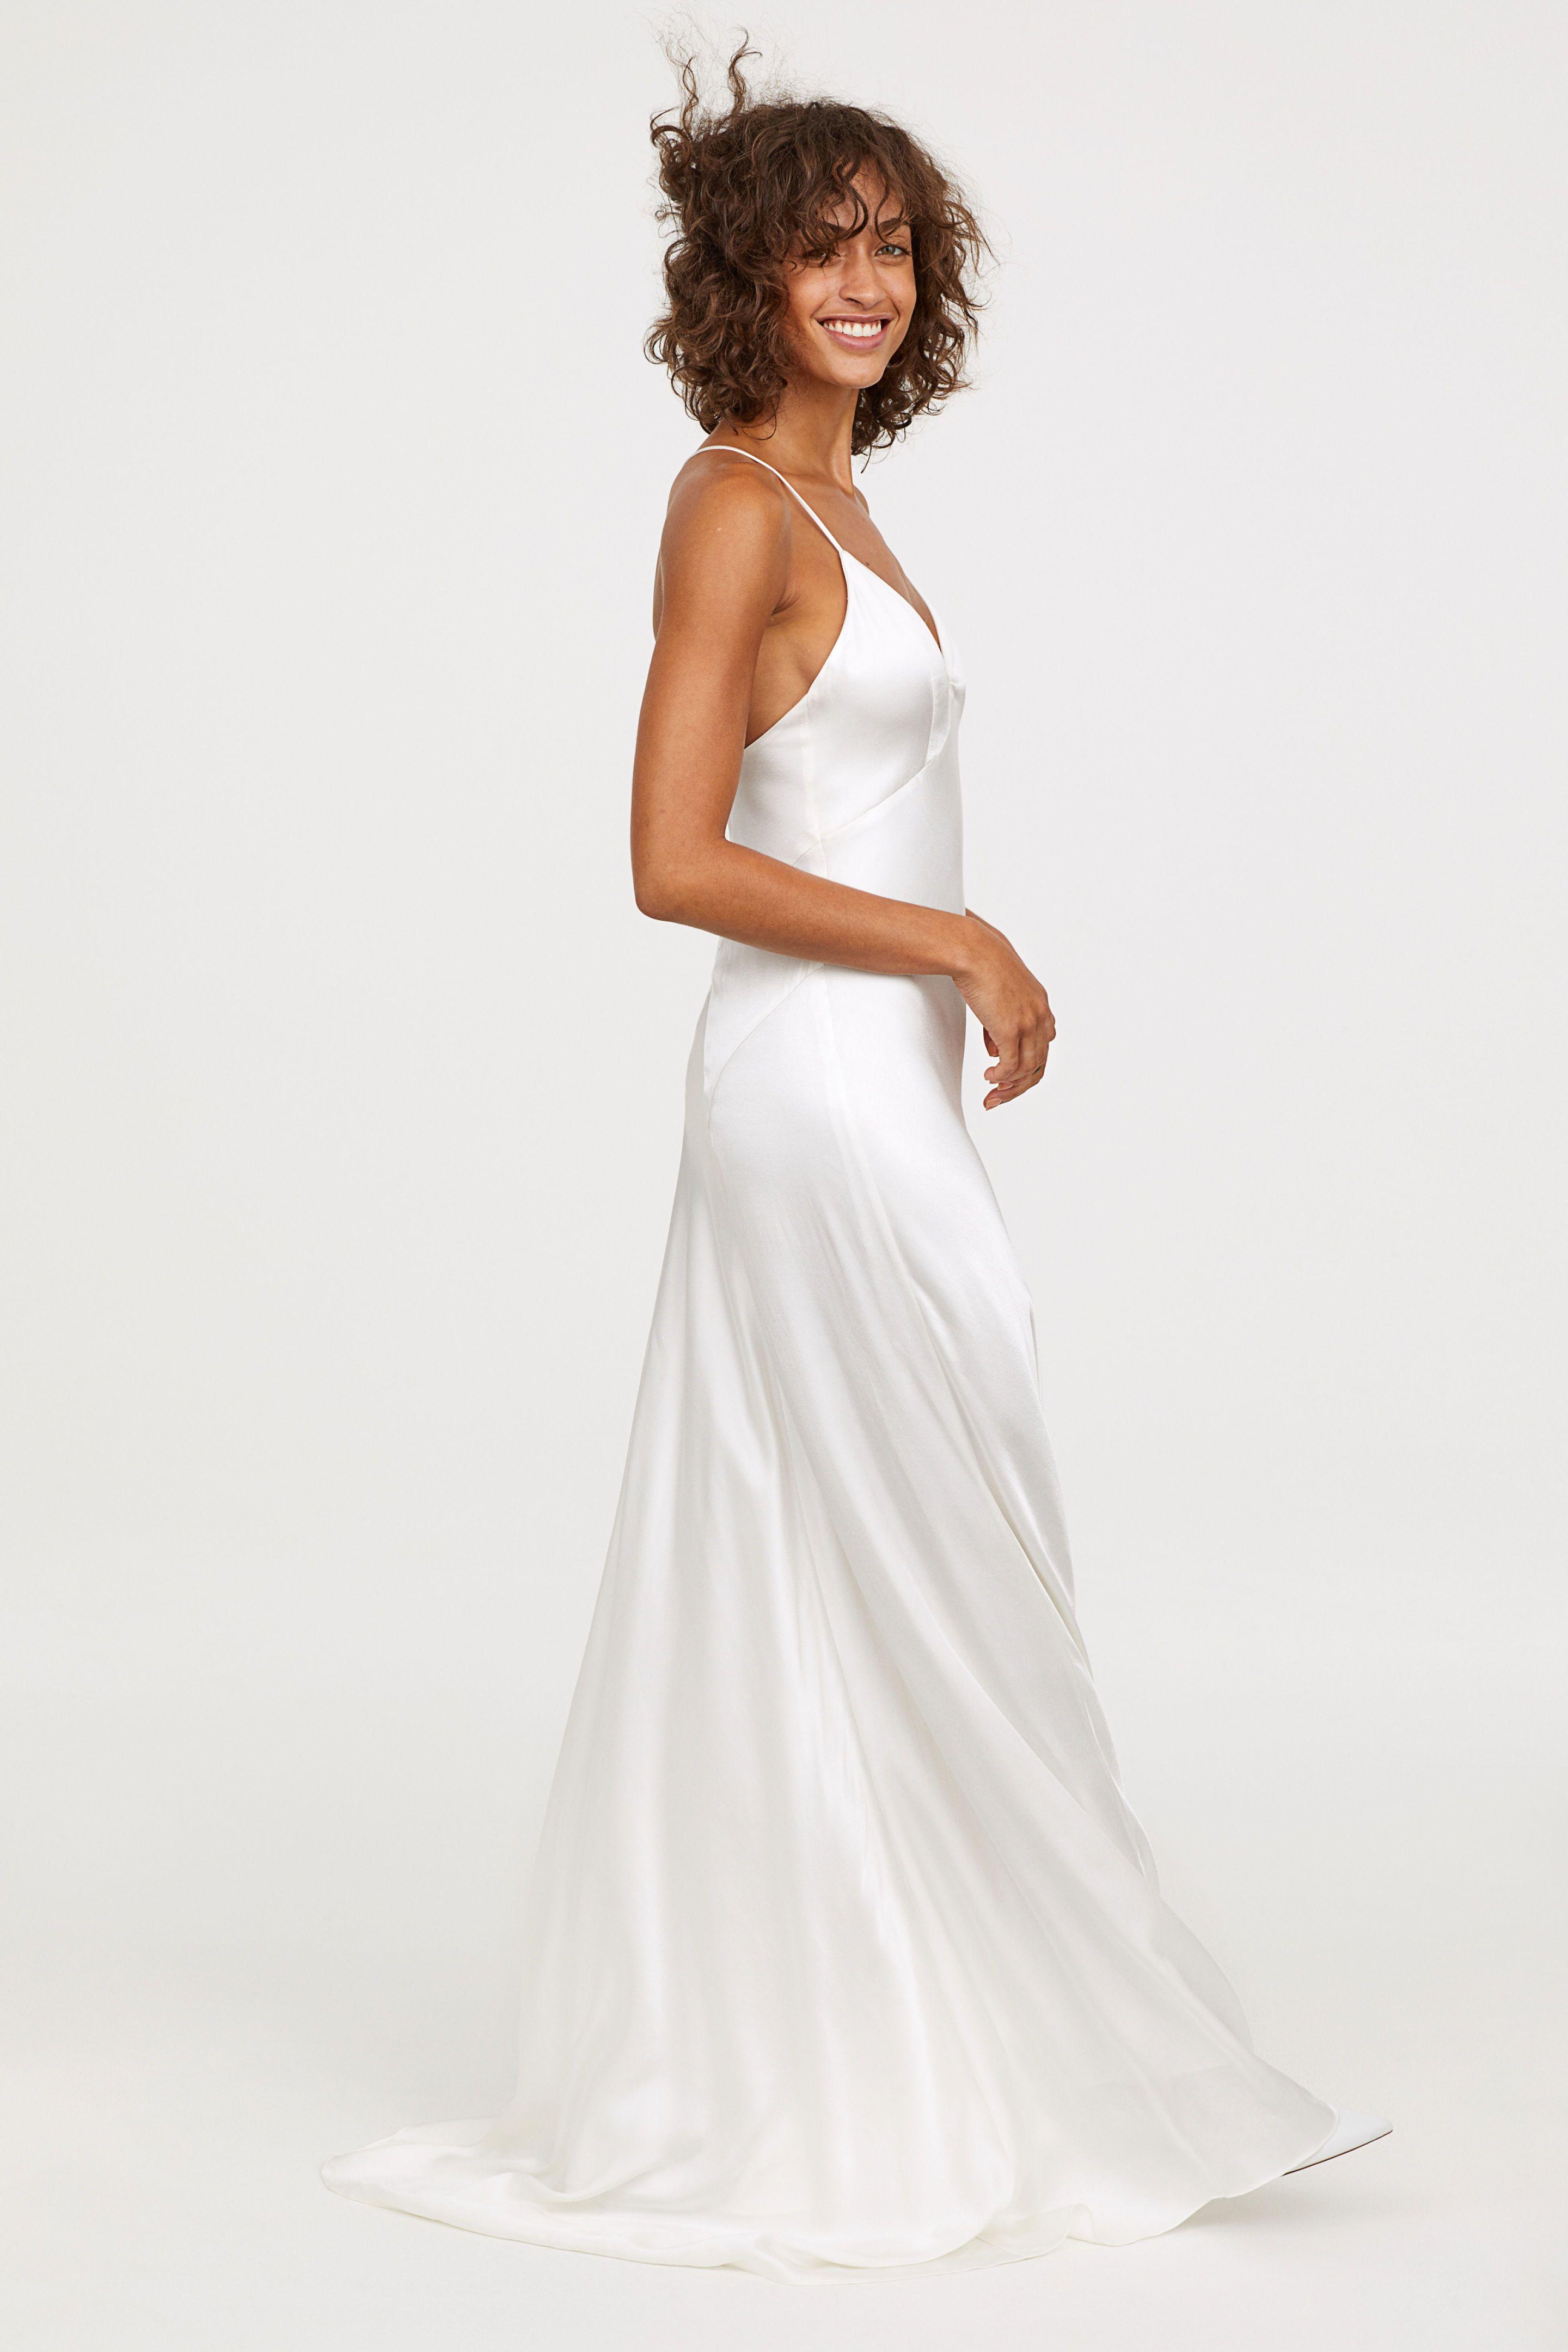 178454bda H M vende un nuevo vestido de novia muy barato y de estilo lencero